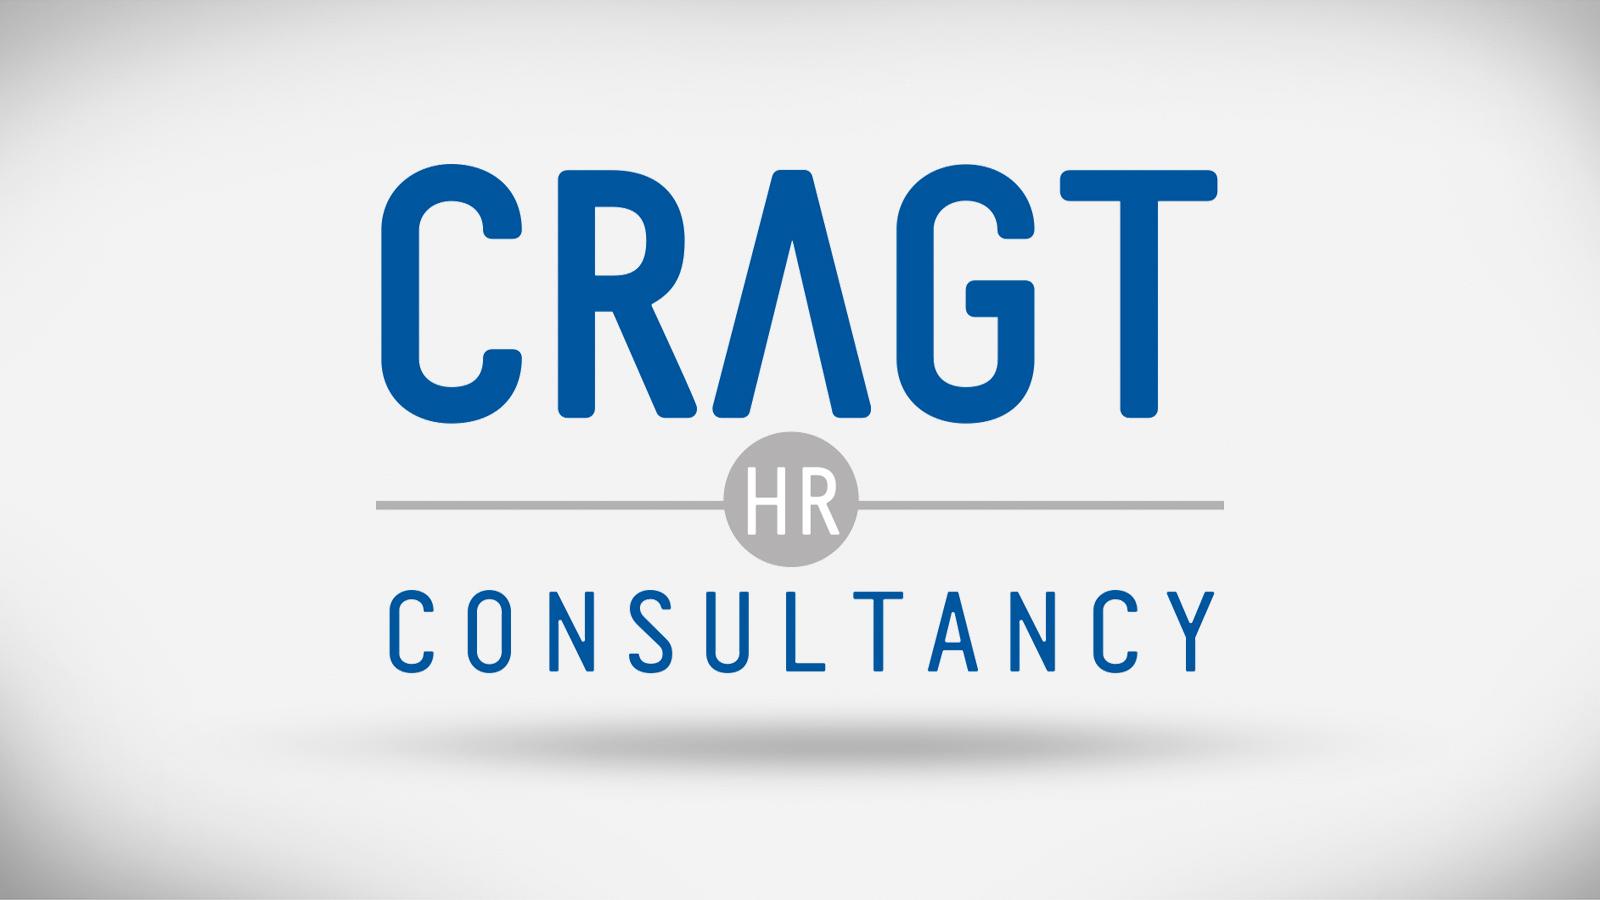 Portfolio-logos-cragt.jpg